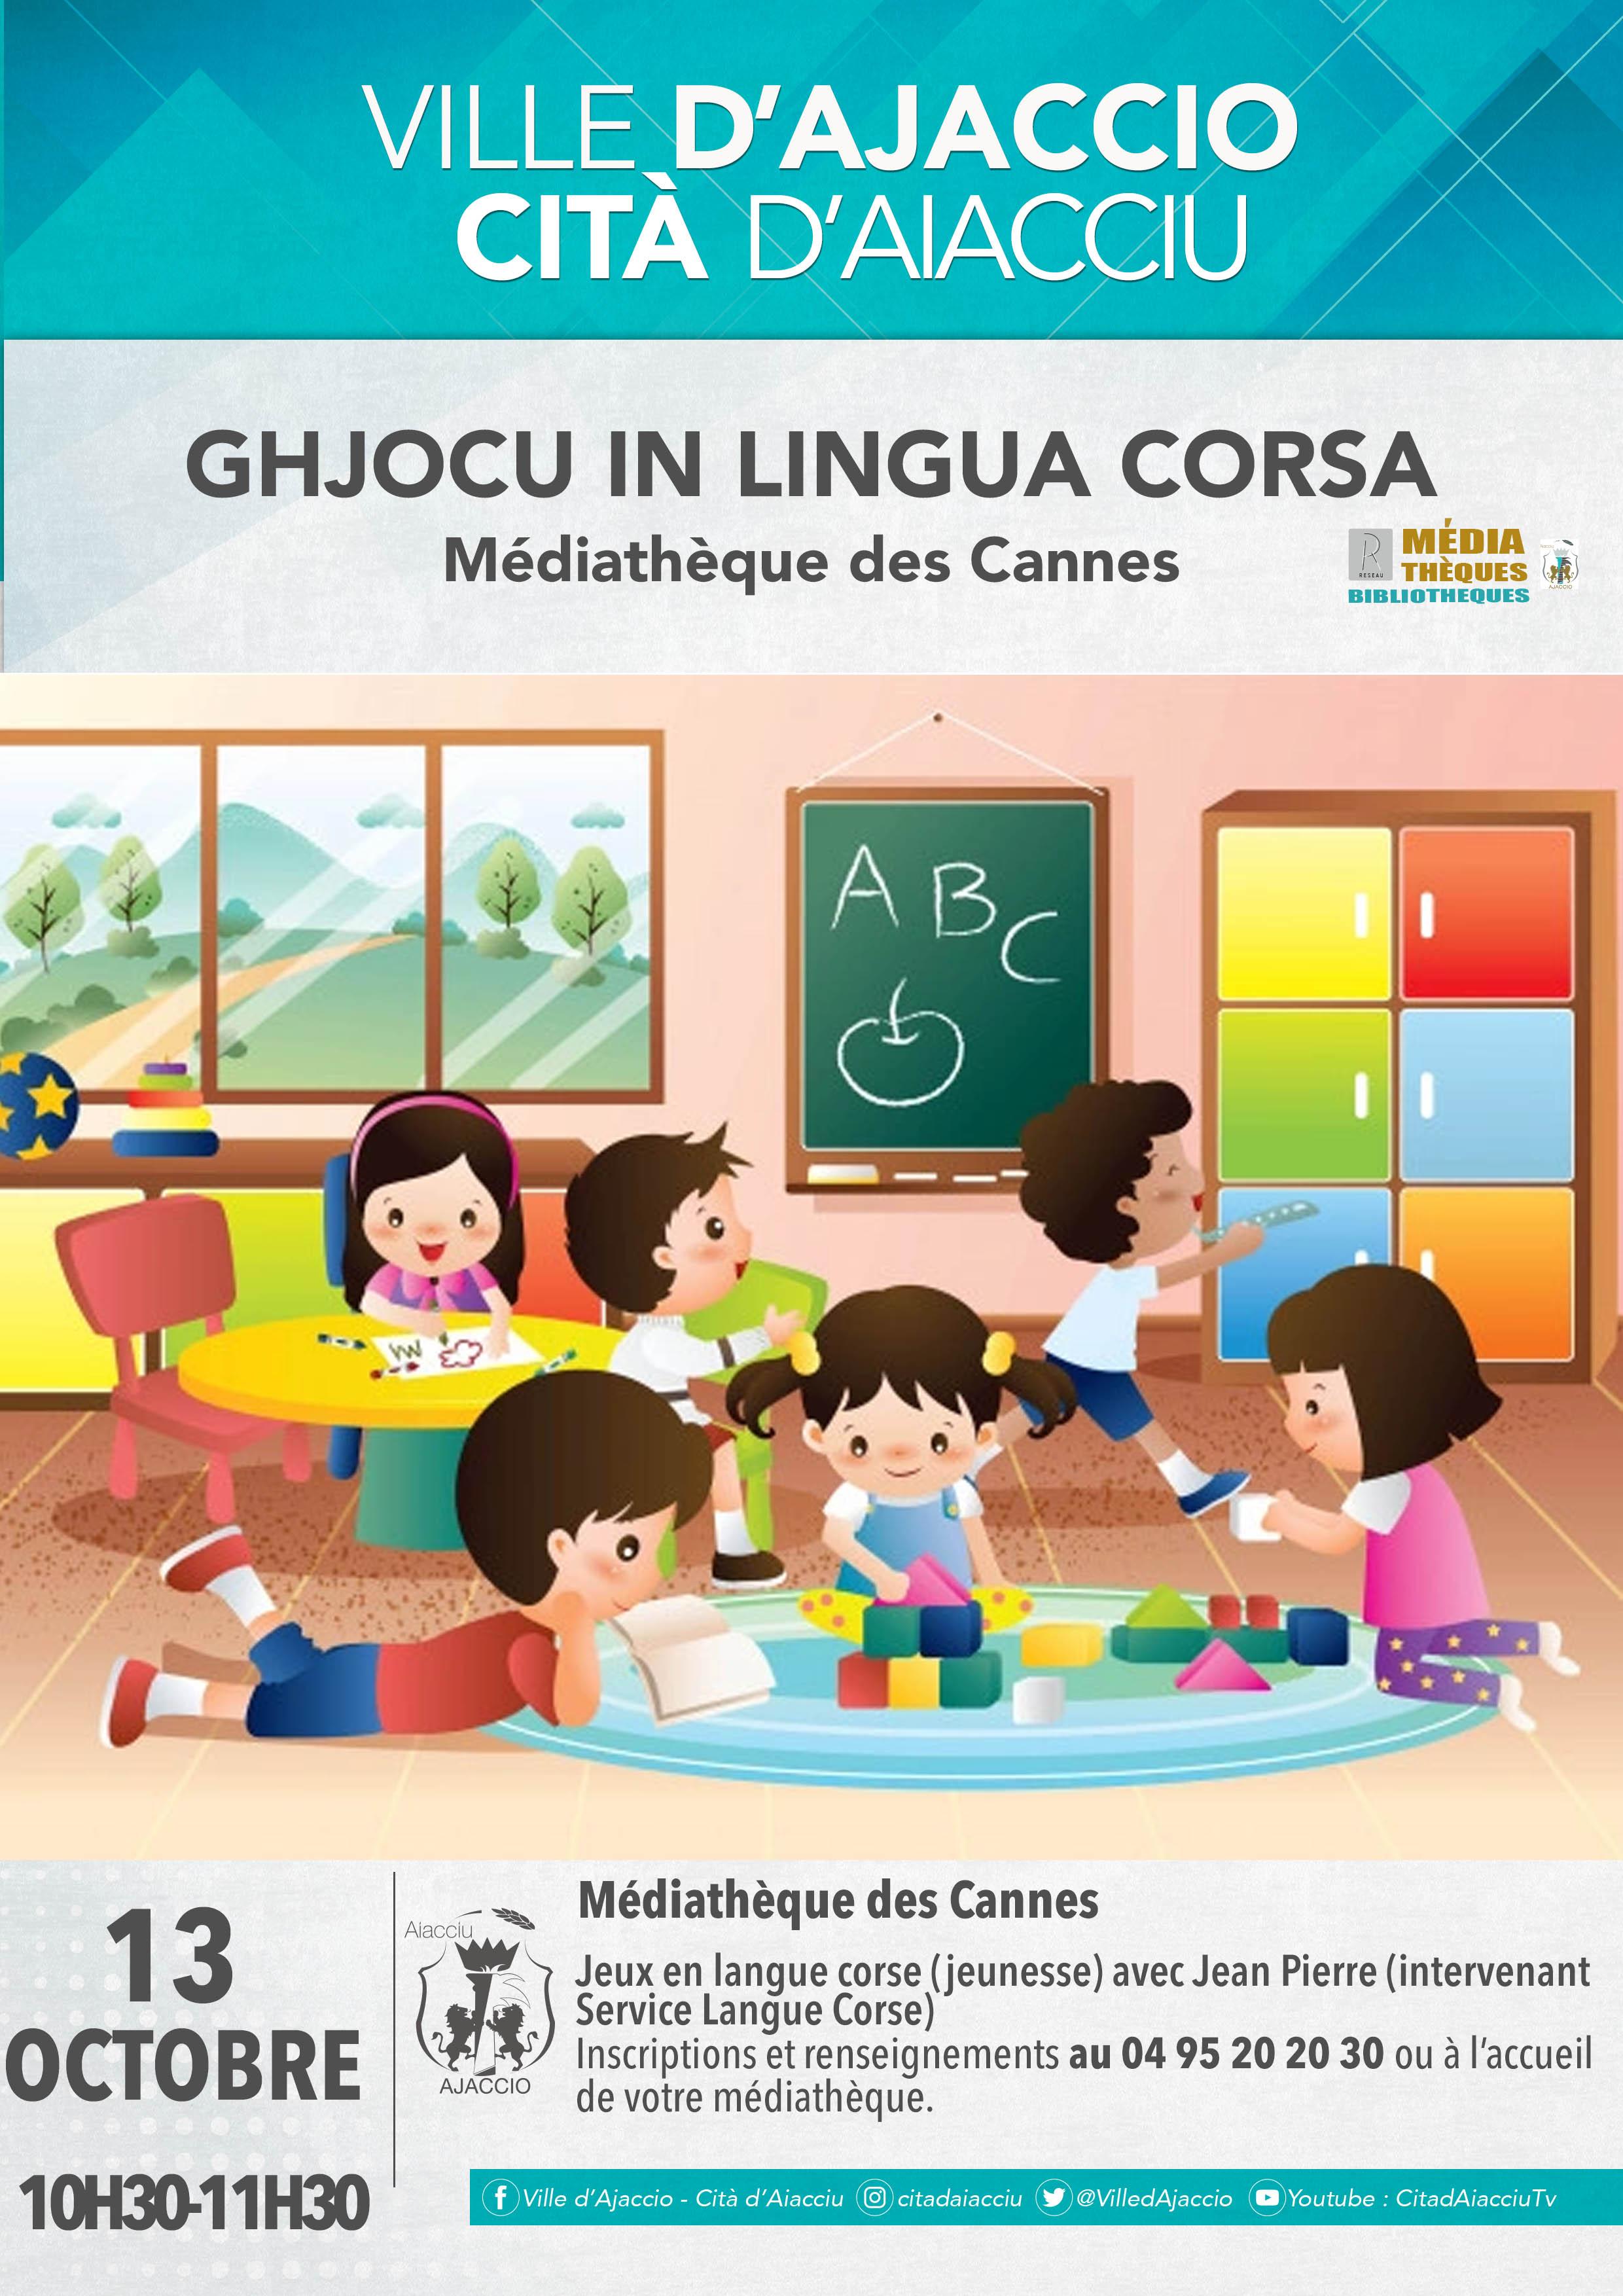 Ghjocu in lingua corsa